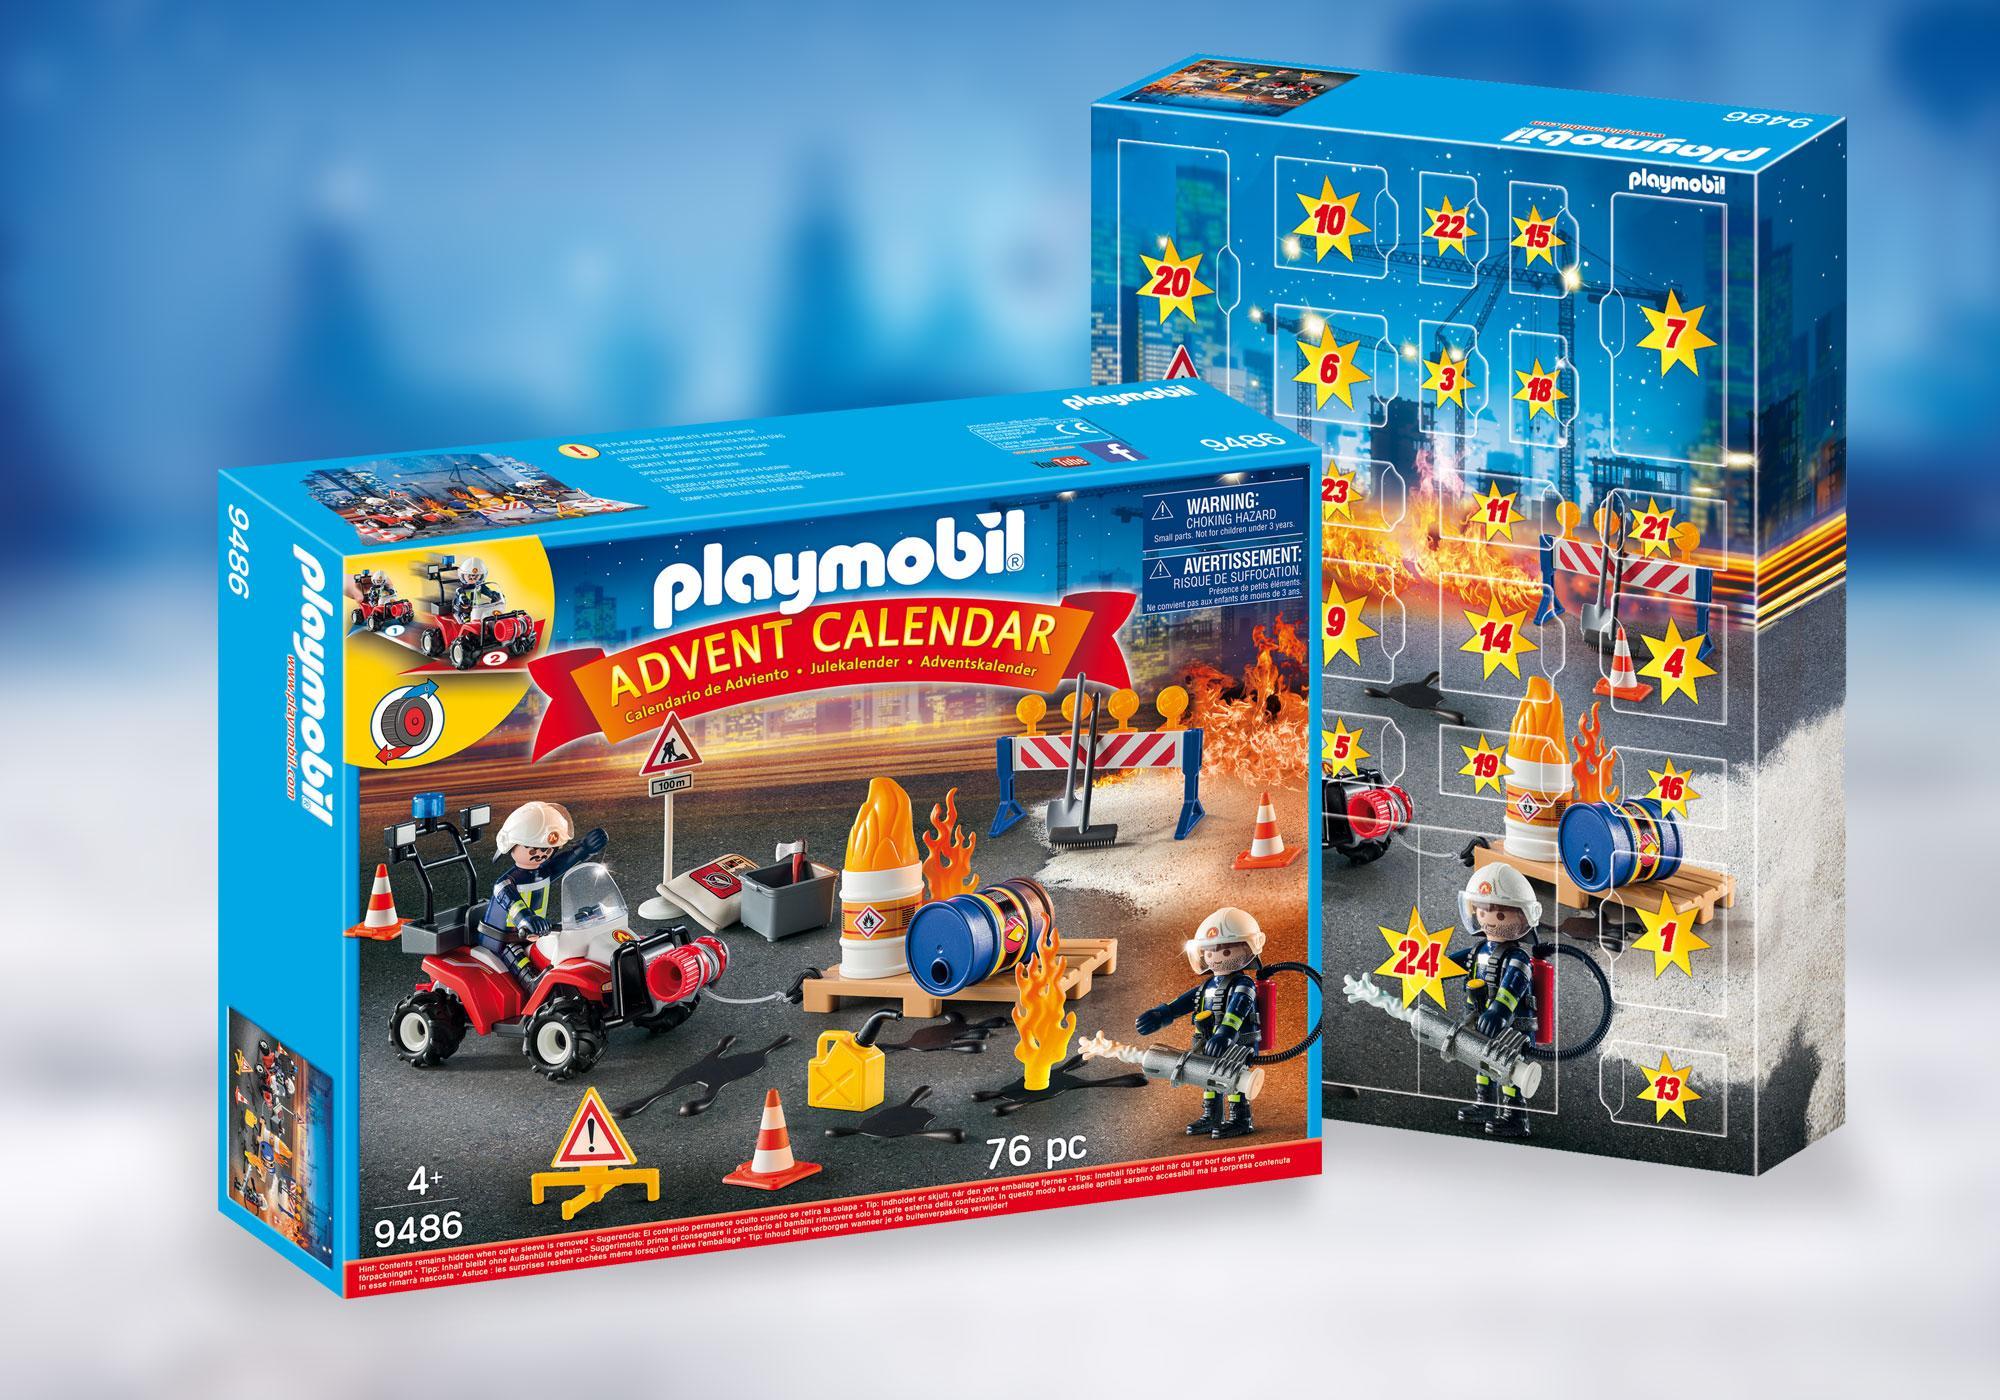 http://media.playmobil.com/i/playmobil/9486_product_detail/Advent Calendar - Construction Site Fire Rescue